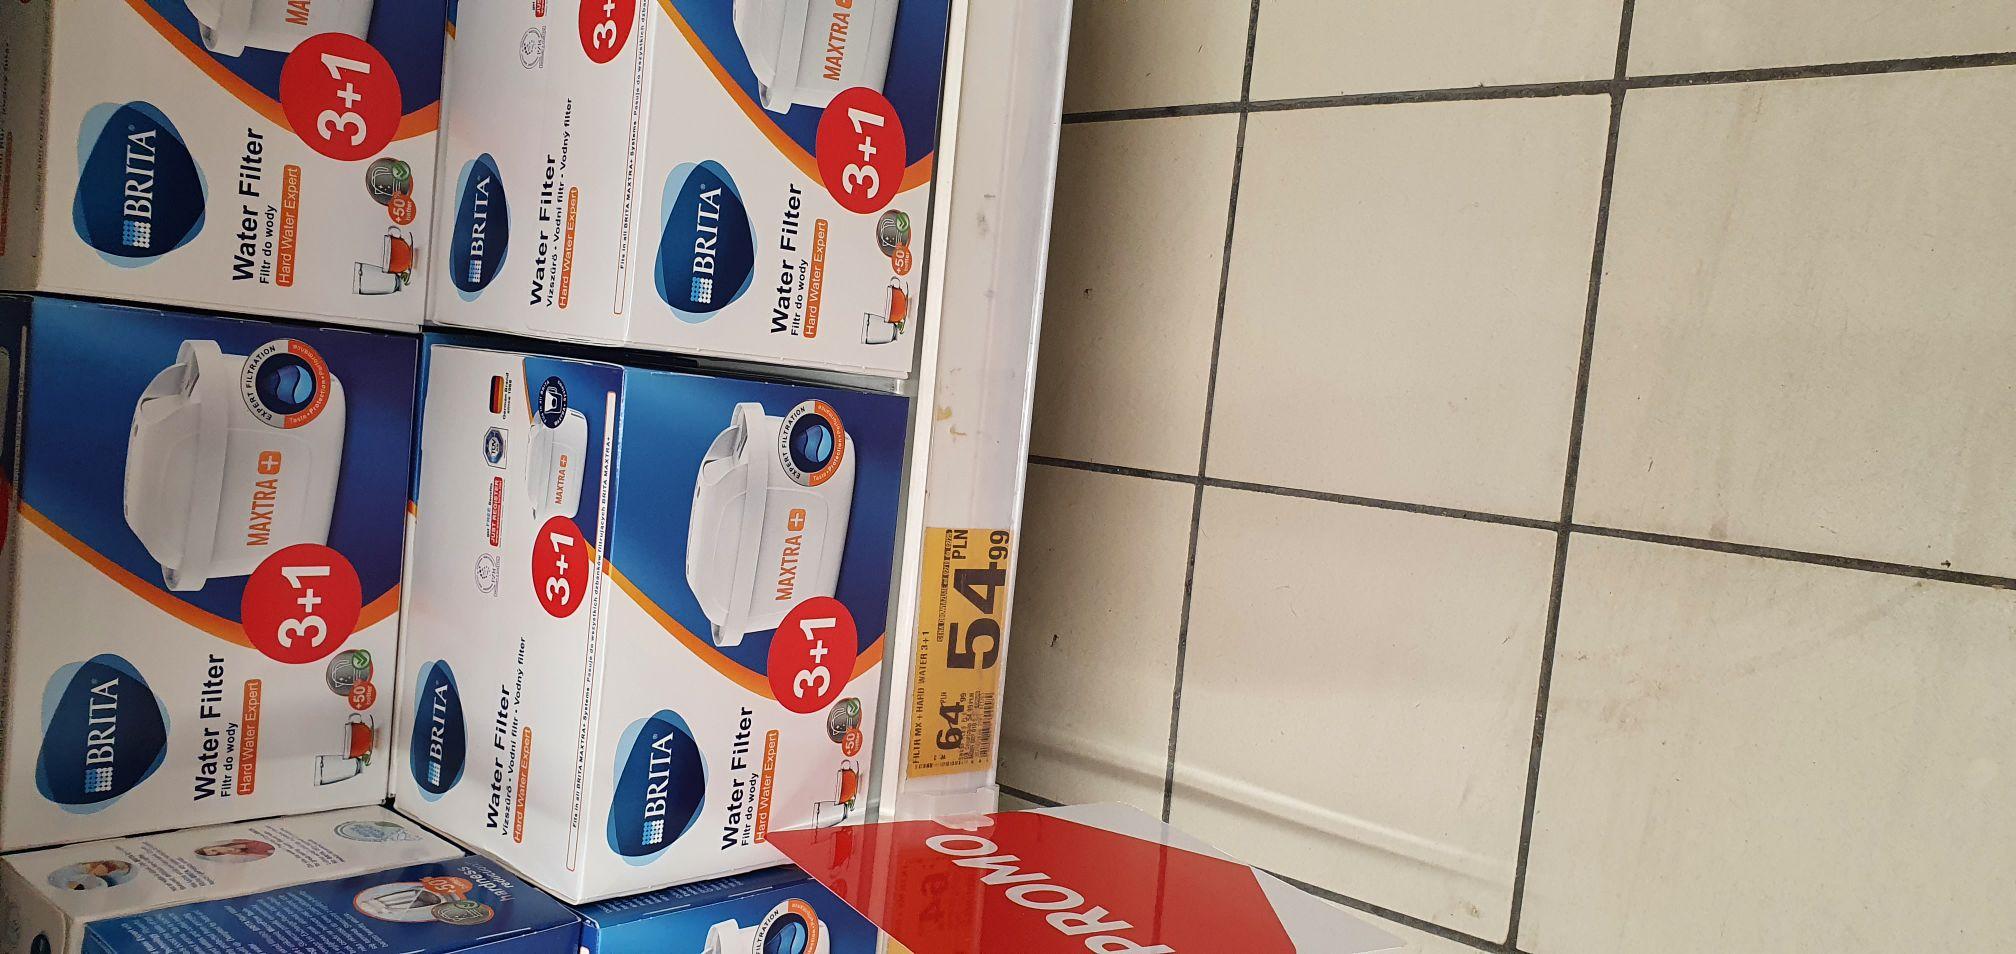 Brita maxtra filtry 4szt. (1szt=13.70zł) @ Auchan